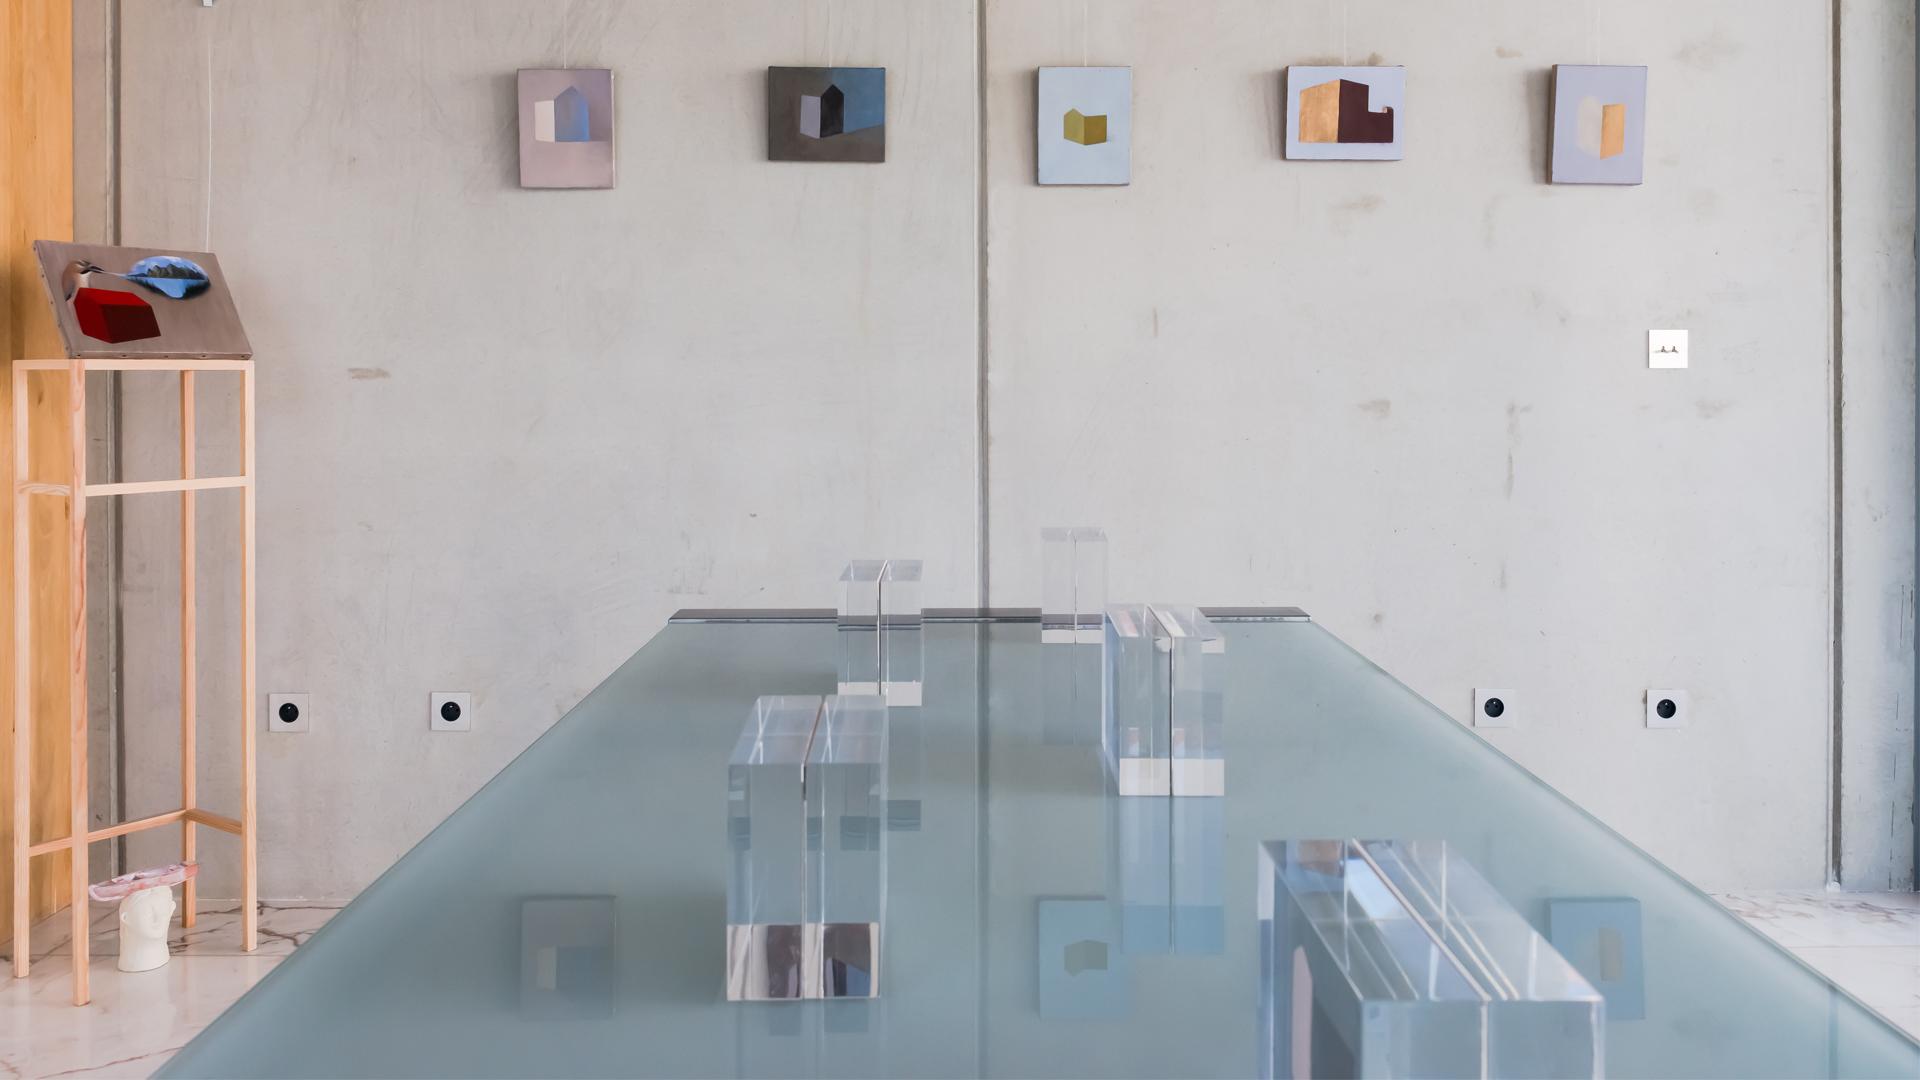 03-seuil-architecture-art-et-architecture